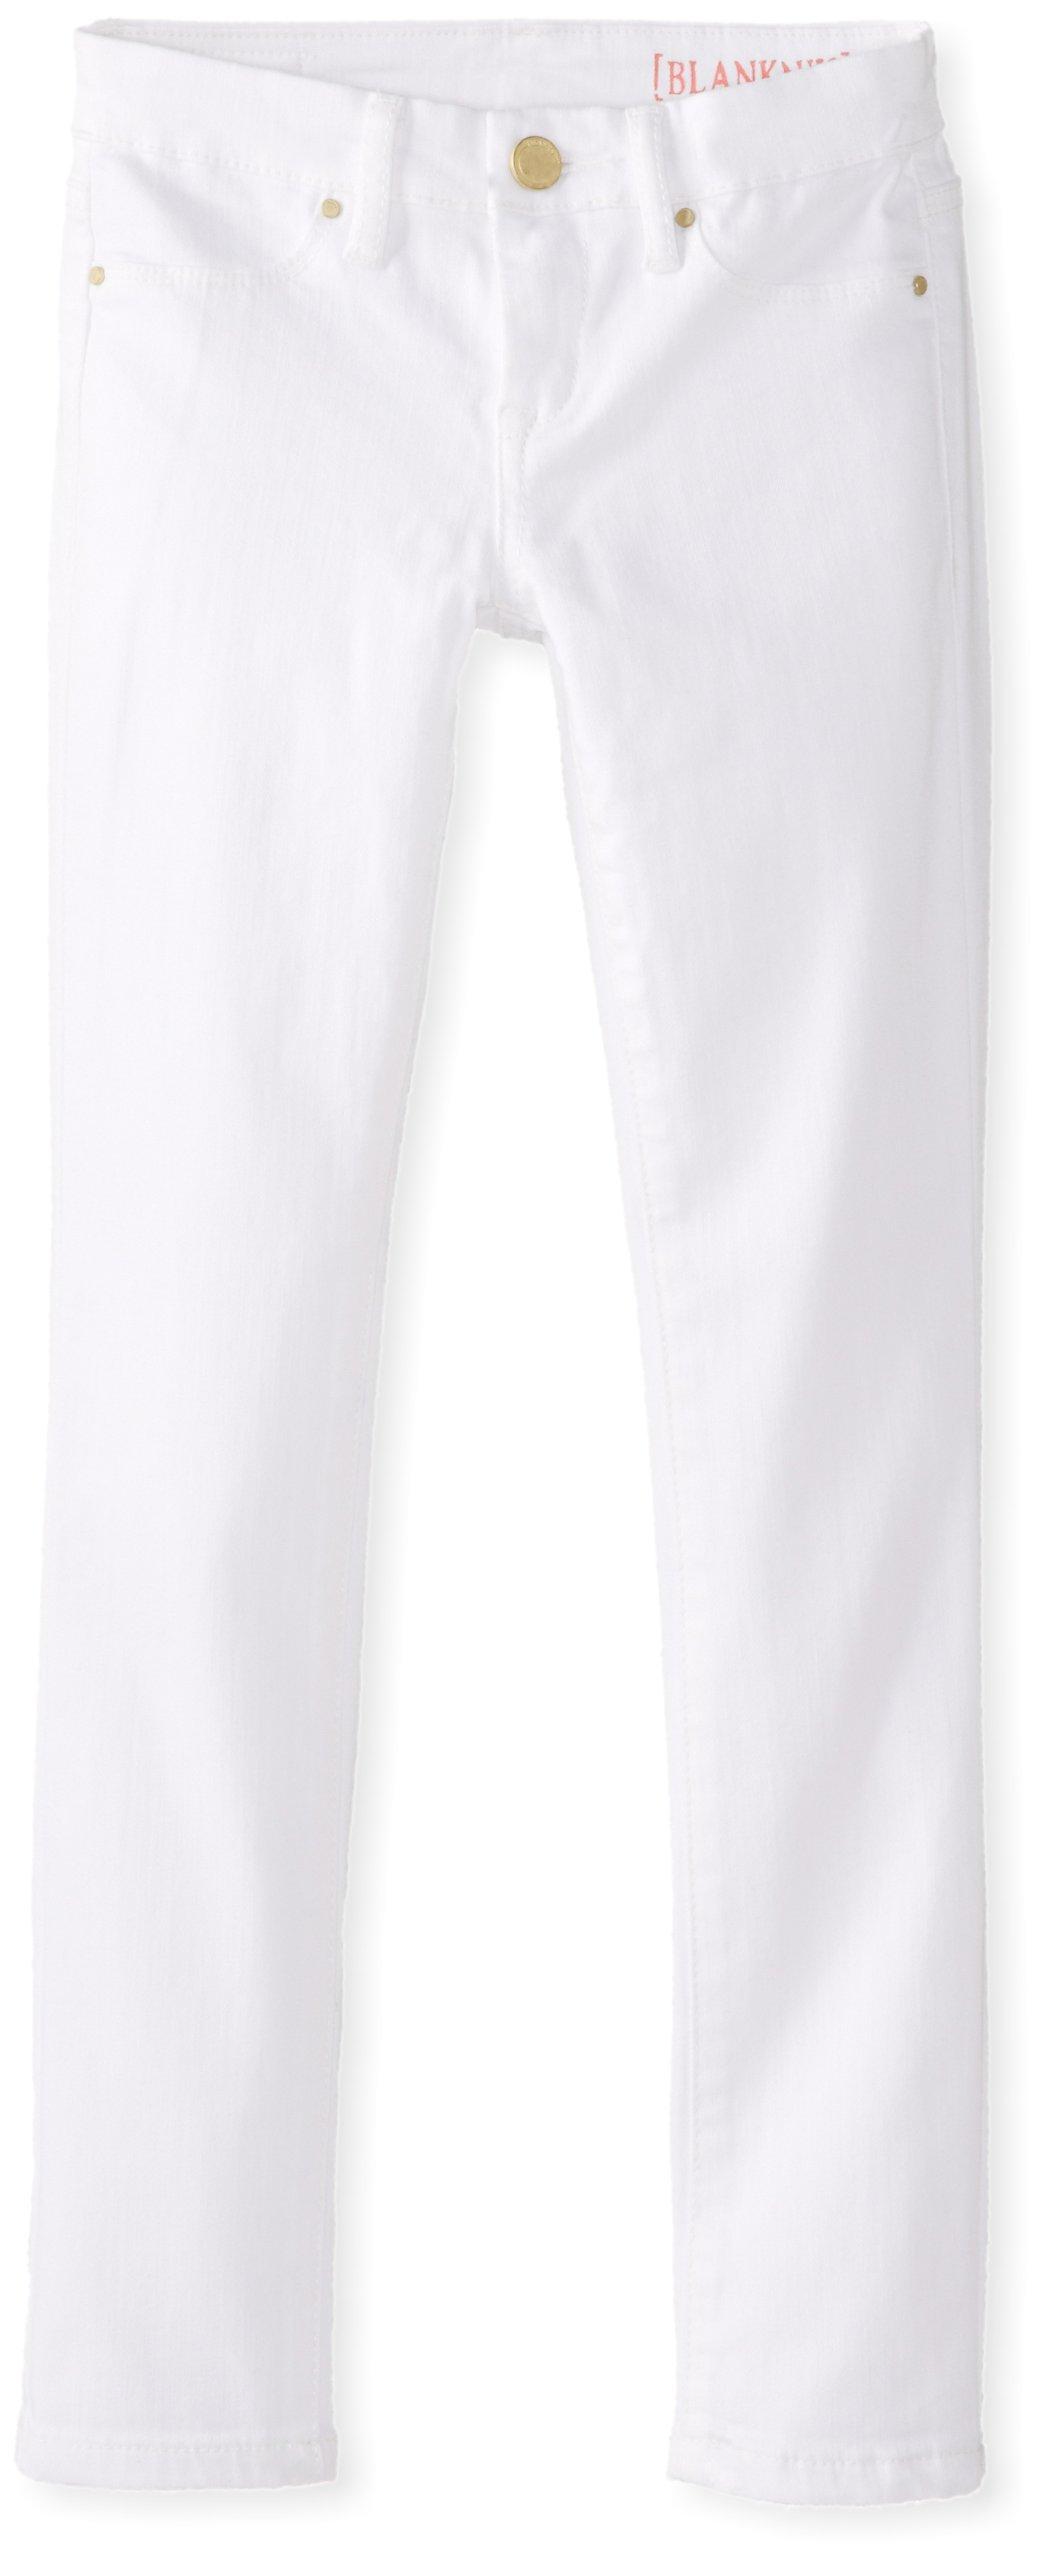 [BLANKNYC] Big Girls' Skinny Jean, White Lines, 10